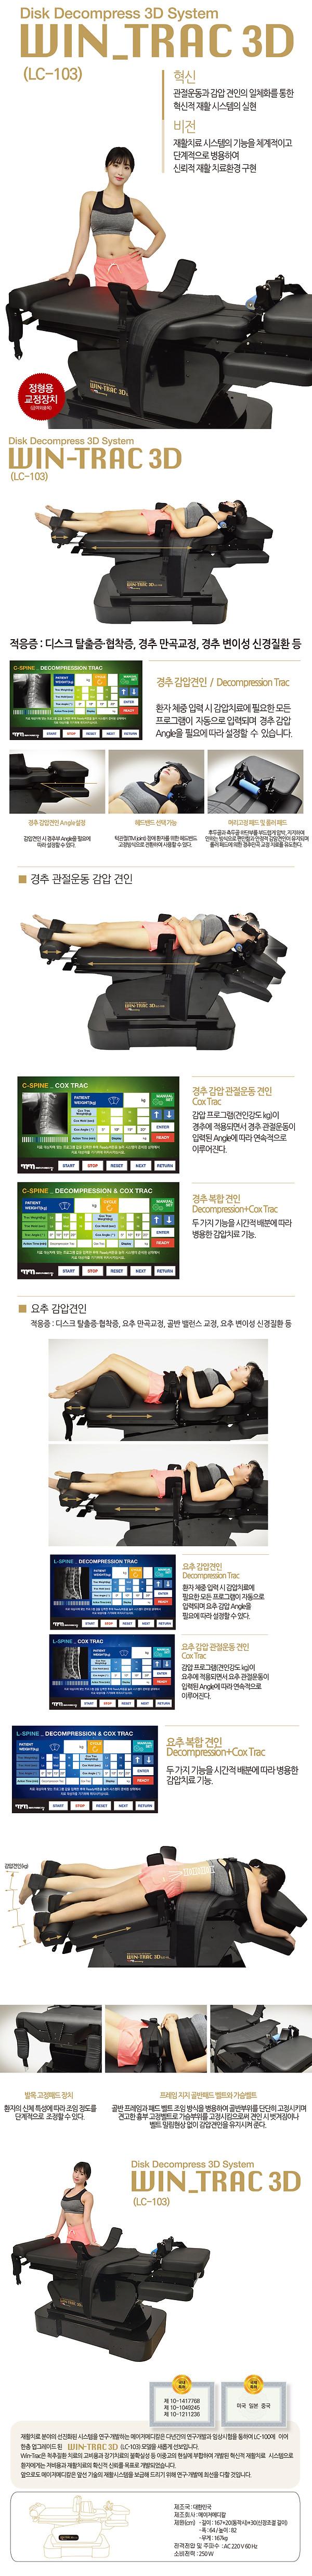 메이저메디칼 lc-103 소개.jpg